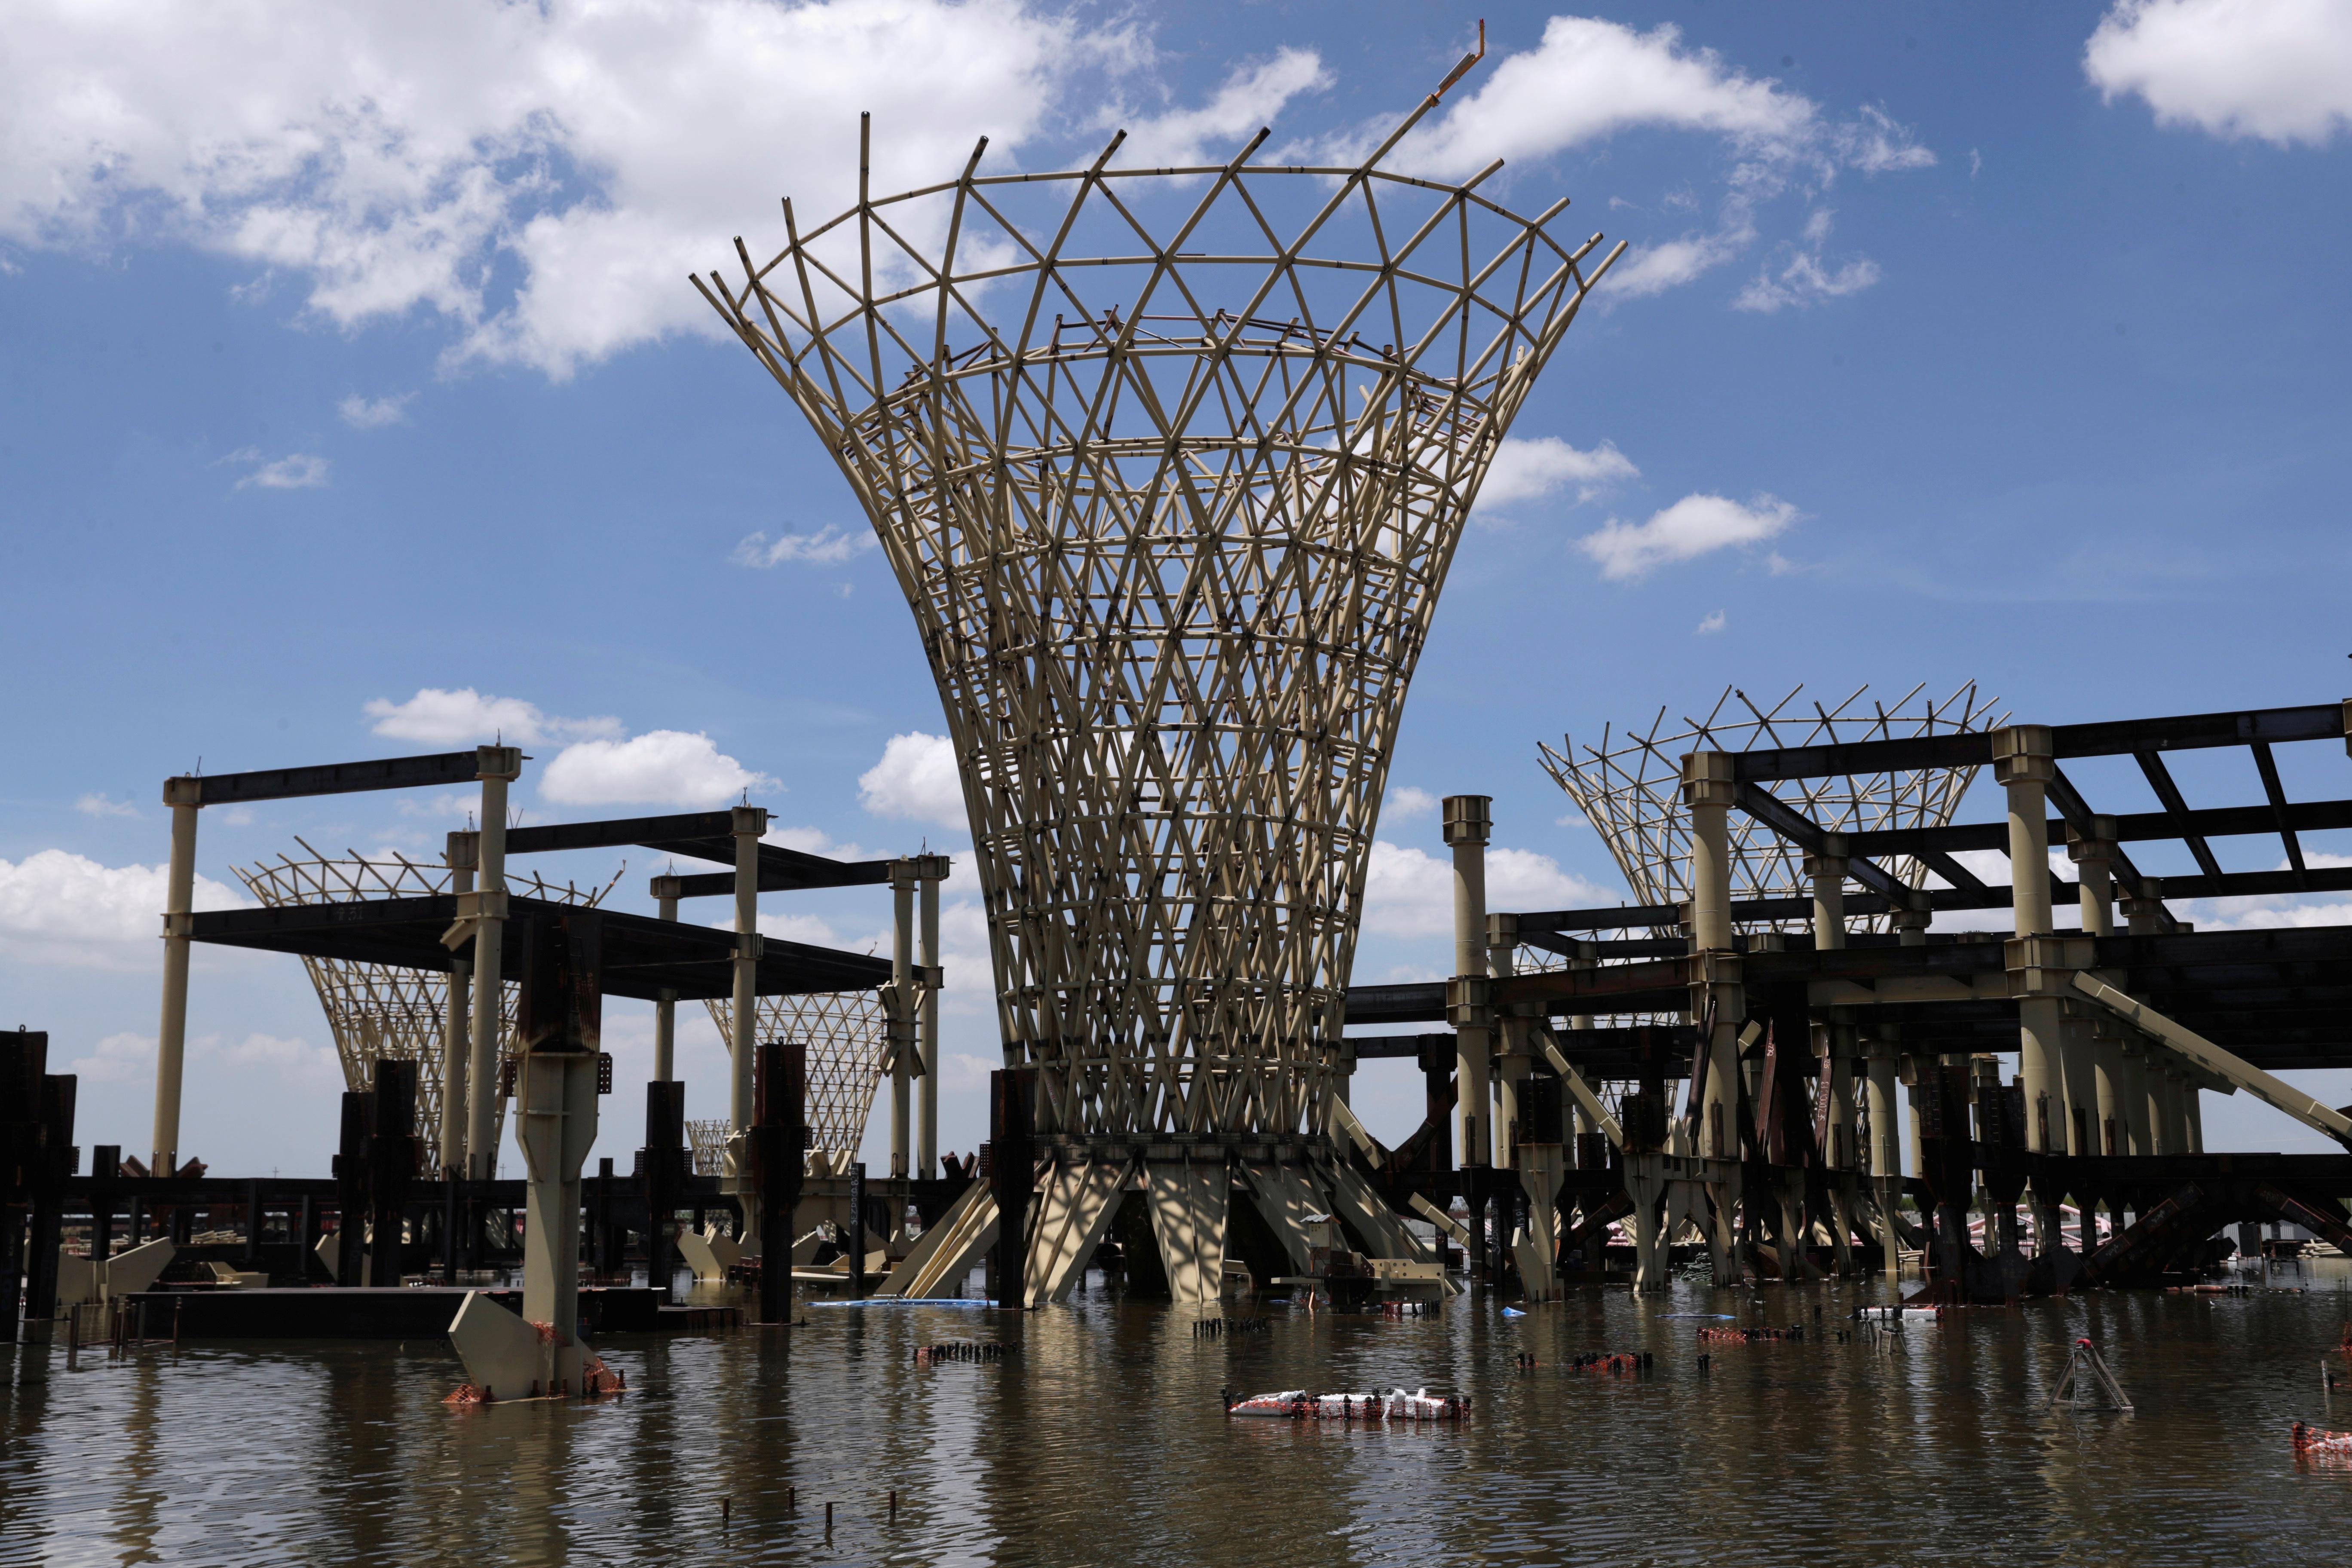 Una vista general muestra partes de la estructura de la terminal de vuelo en una construcción abandonada de un aeropuerto de la Ciudad de México que fue desguazado hace dos años, ahora inundado por las lluvias de verano, en Texcoco, en las afueras de la Ciudad de México, México, el 3 de septiembre de 2020. Imagen tomada el 3 de septiembre de 2020.